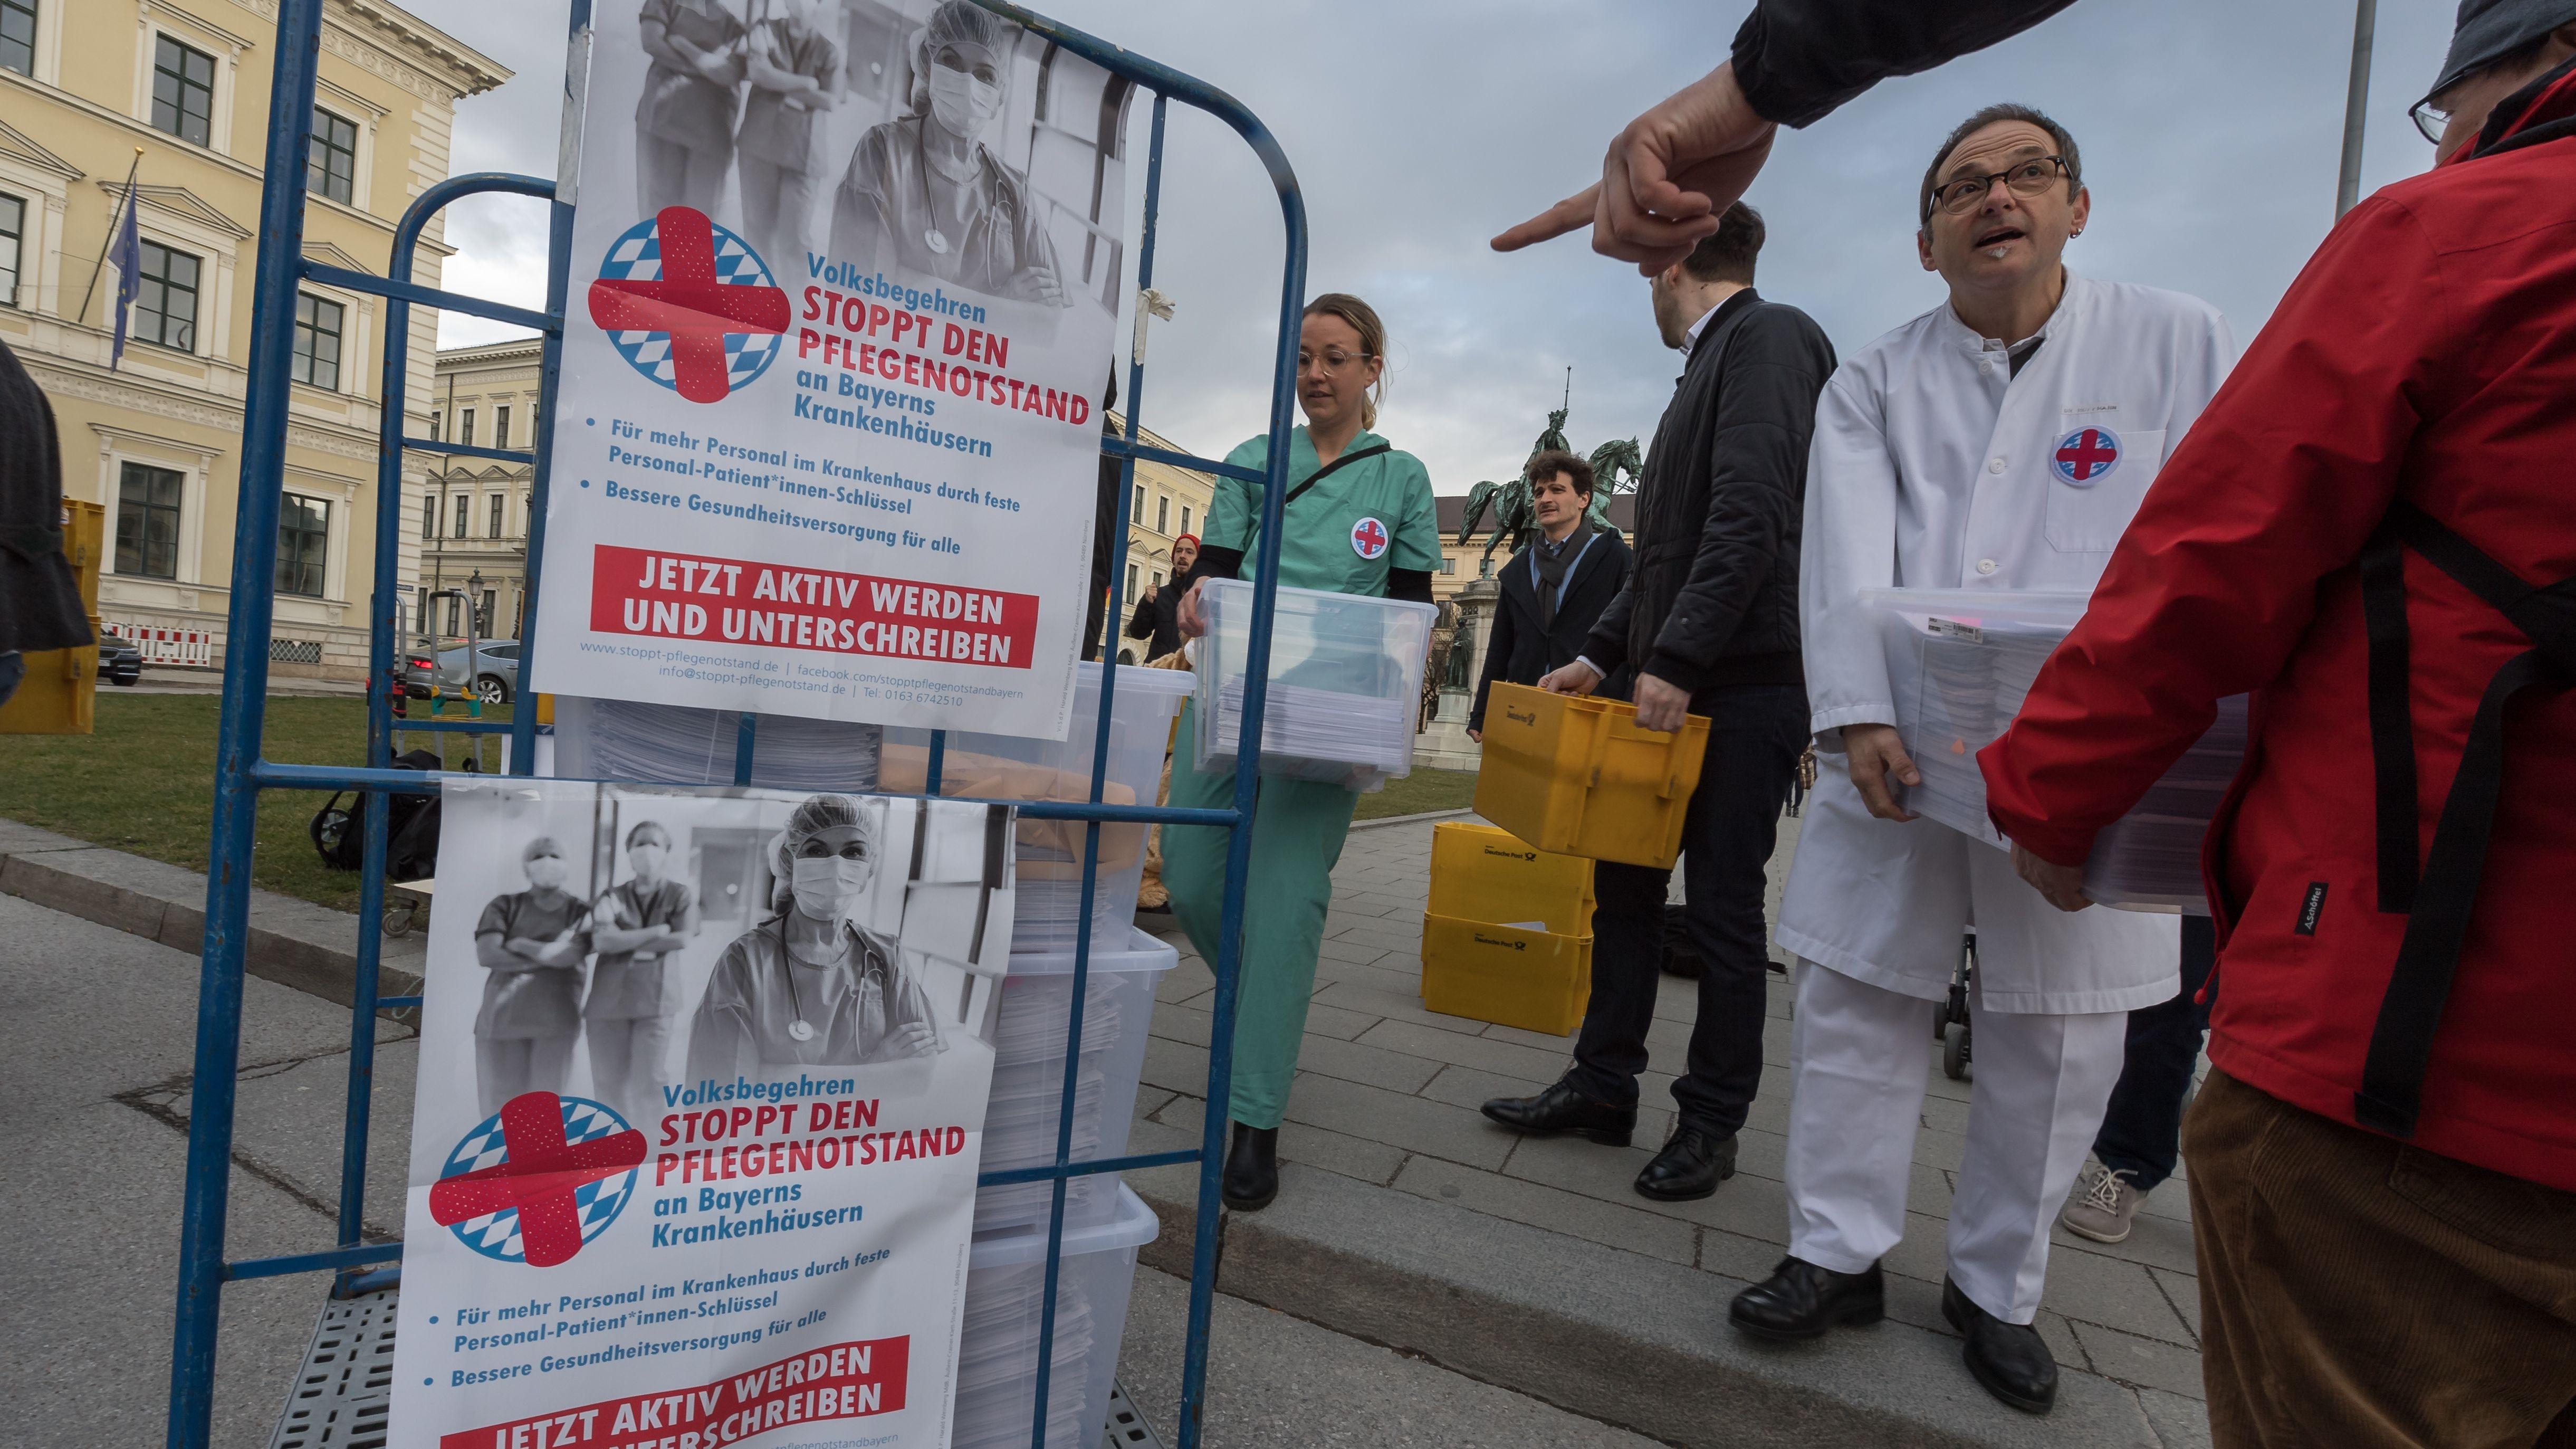 """Organisatoren des Volksbegehrens """"Stoppt den Pflegenotstand"""" überreichen vor dem bayerischen Innenministerium die Kisten mit den gesammelten Unterschriftenlisten."""